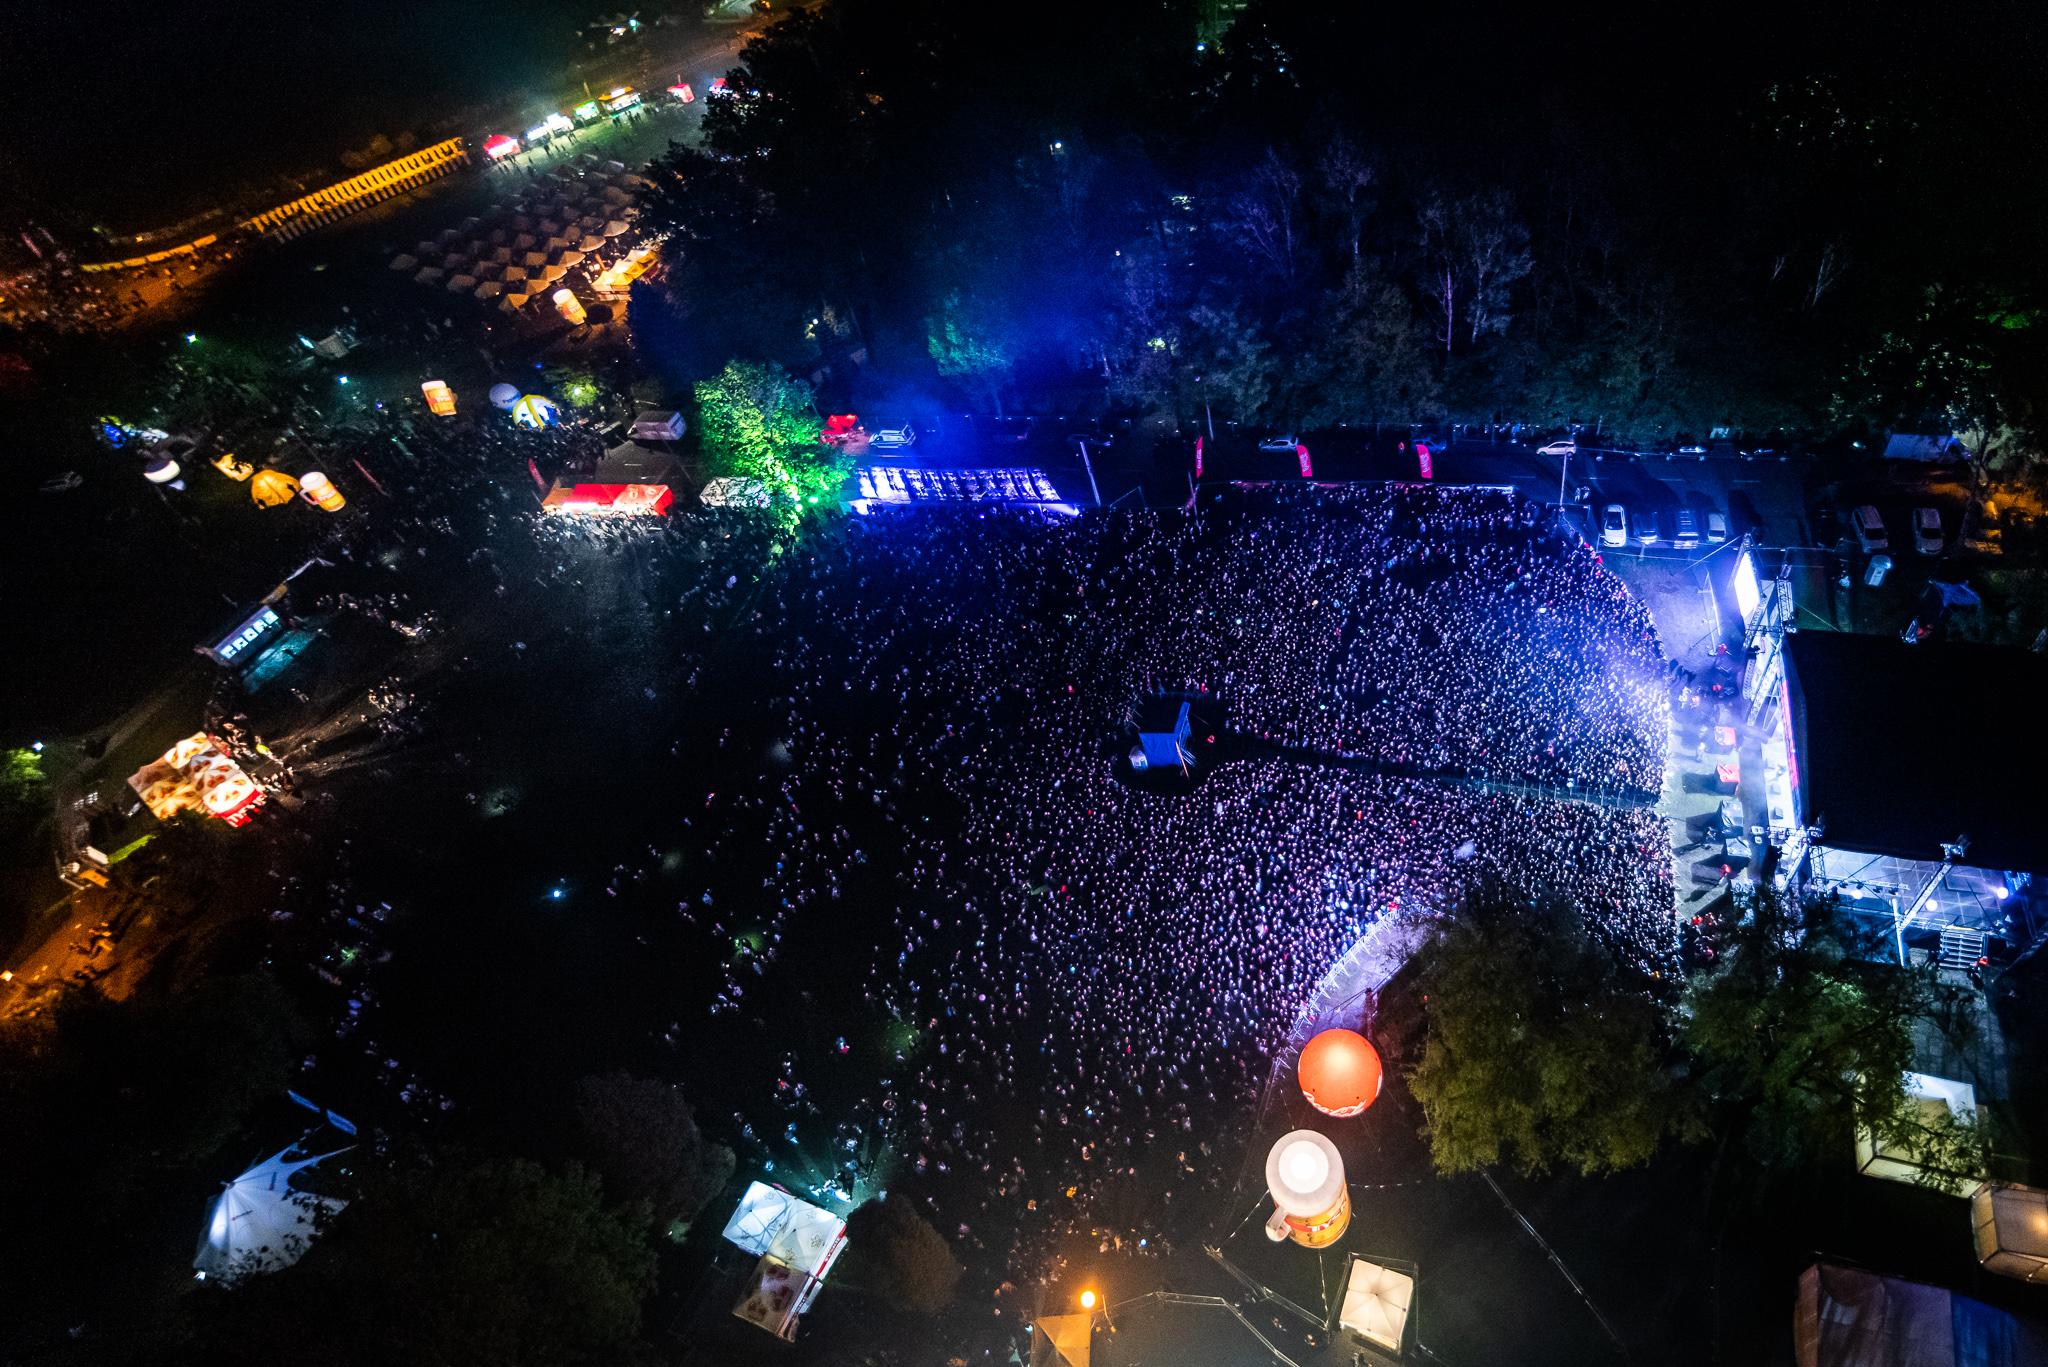 Tłumy na Muchowcu już nie zaskakują - ta impreza to po prostu istny fenomen na skalę całego województwa. [fot. Grzegorz Adamek, SilesianFoto.com]